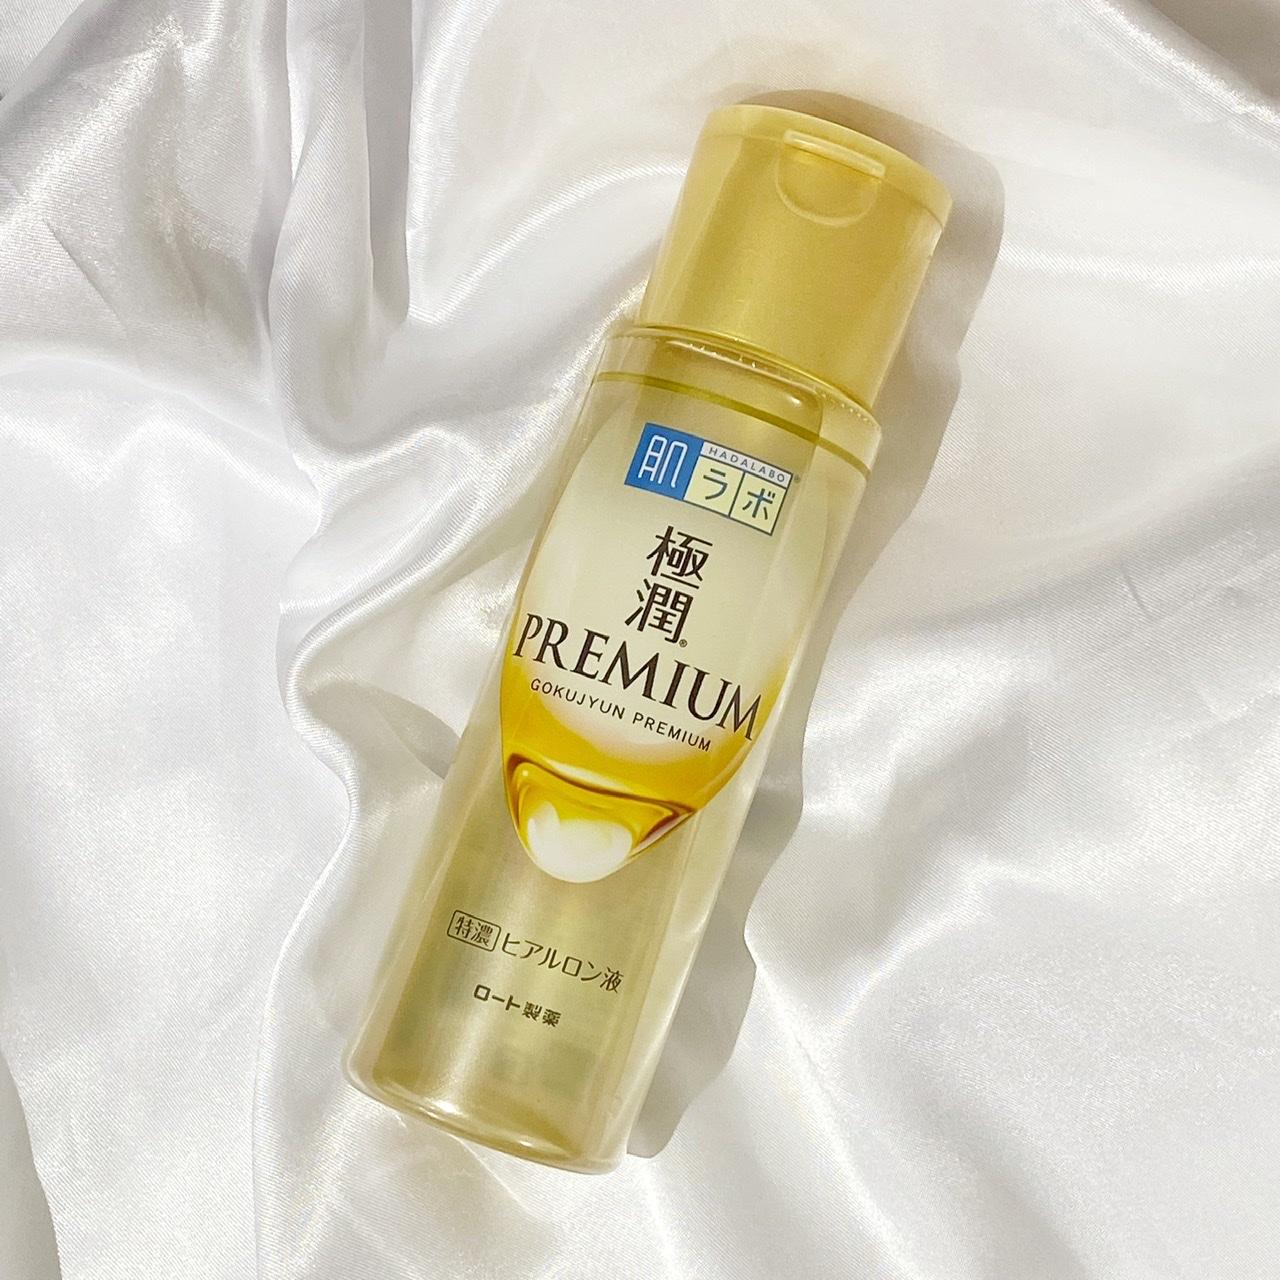 【新商品】美容液のような高保湿化粧水が発売されるよ!《プチプラ》_1